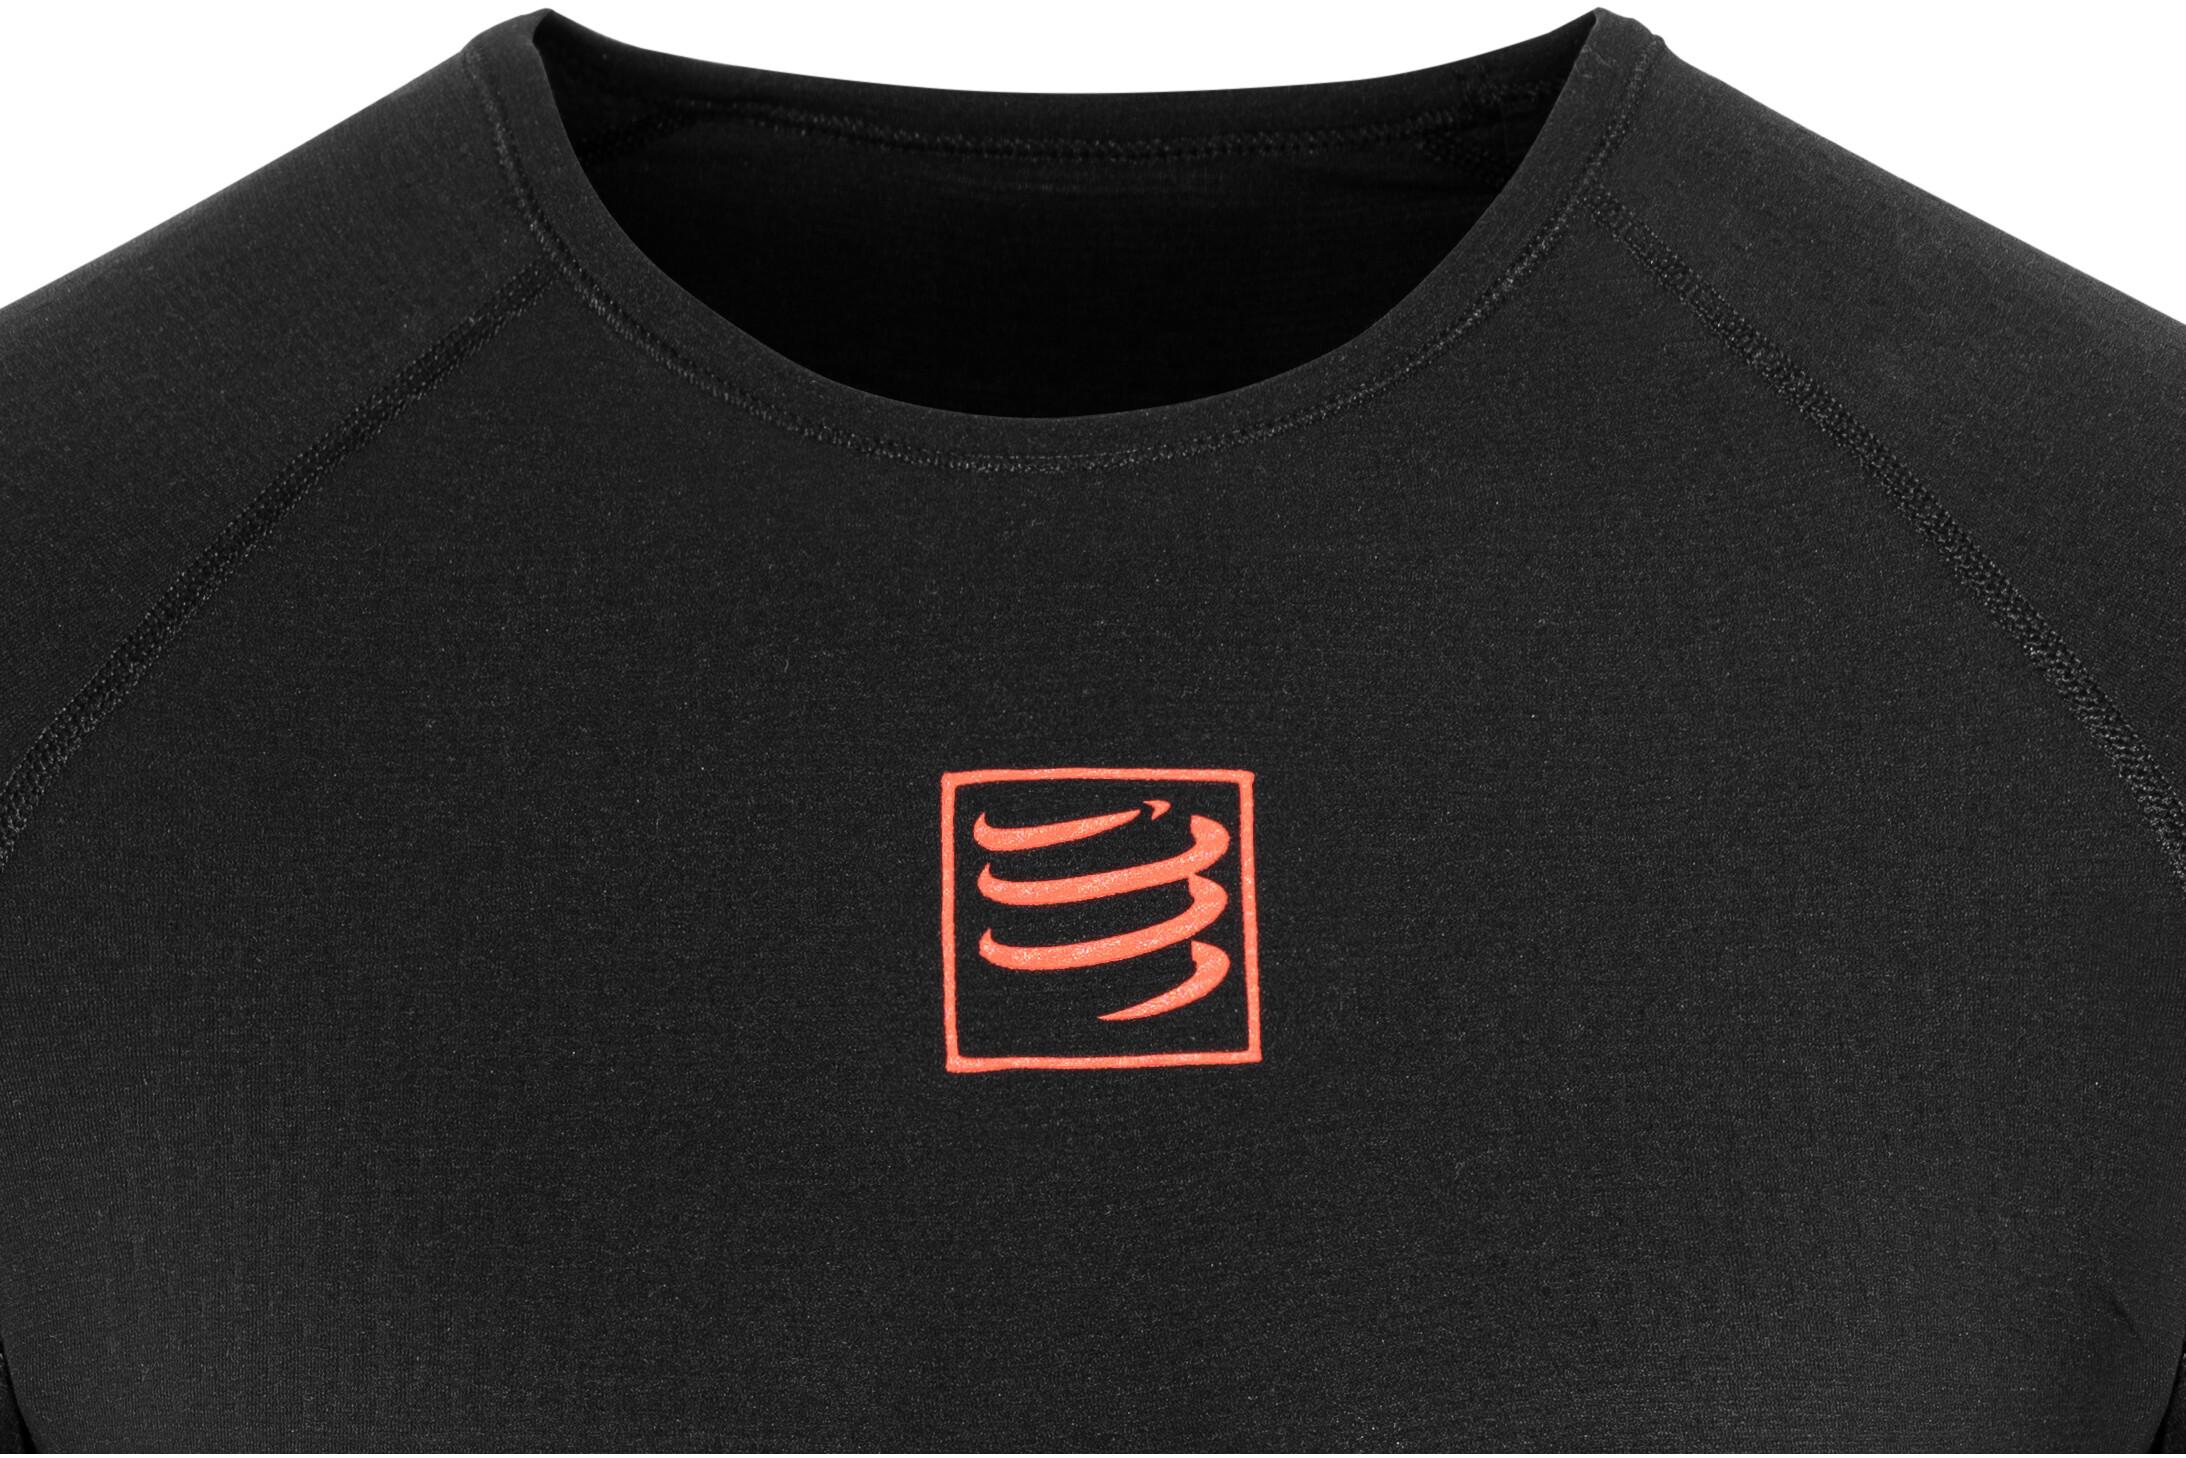 Compressport 3D Thermo UltraLight Maglietta corsa maniche lunghe nero 614f2e4d297b